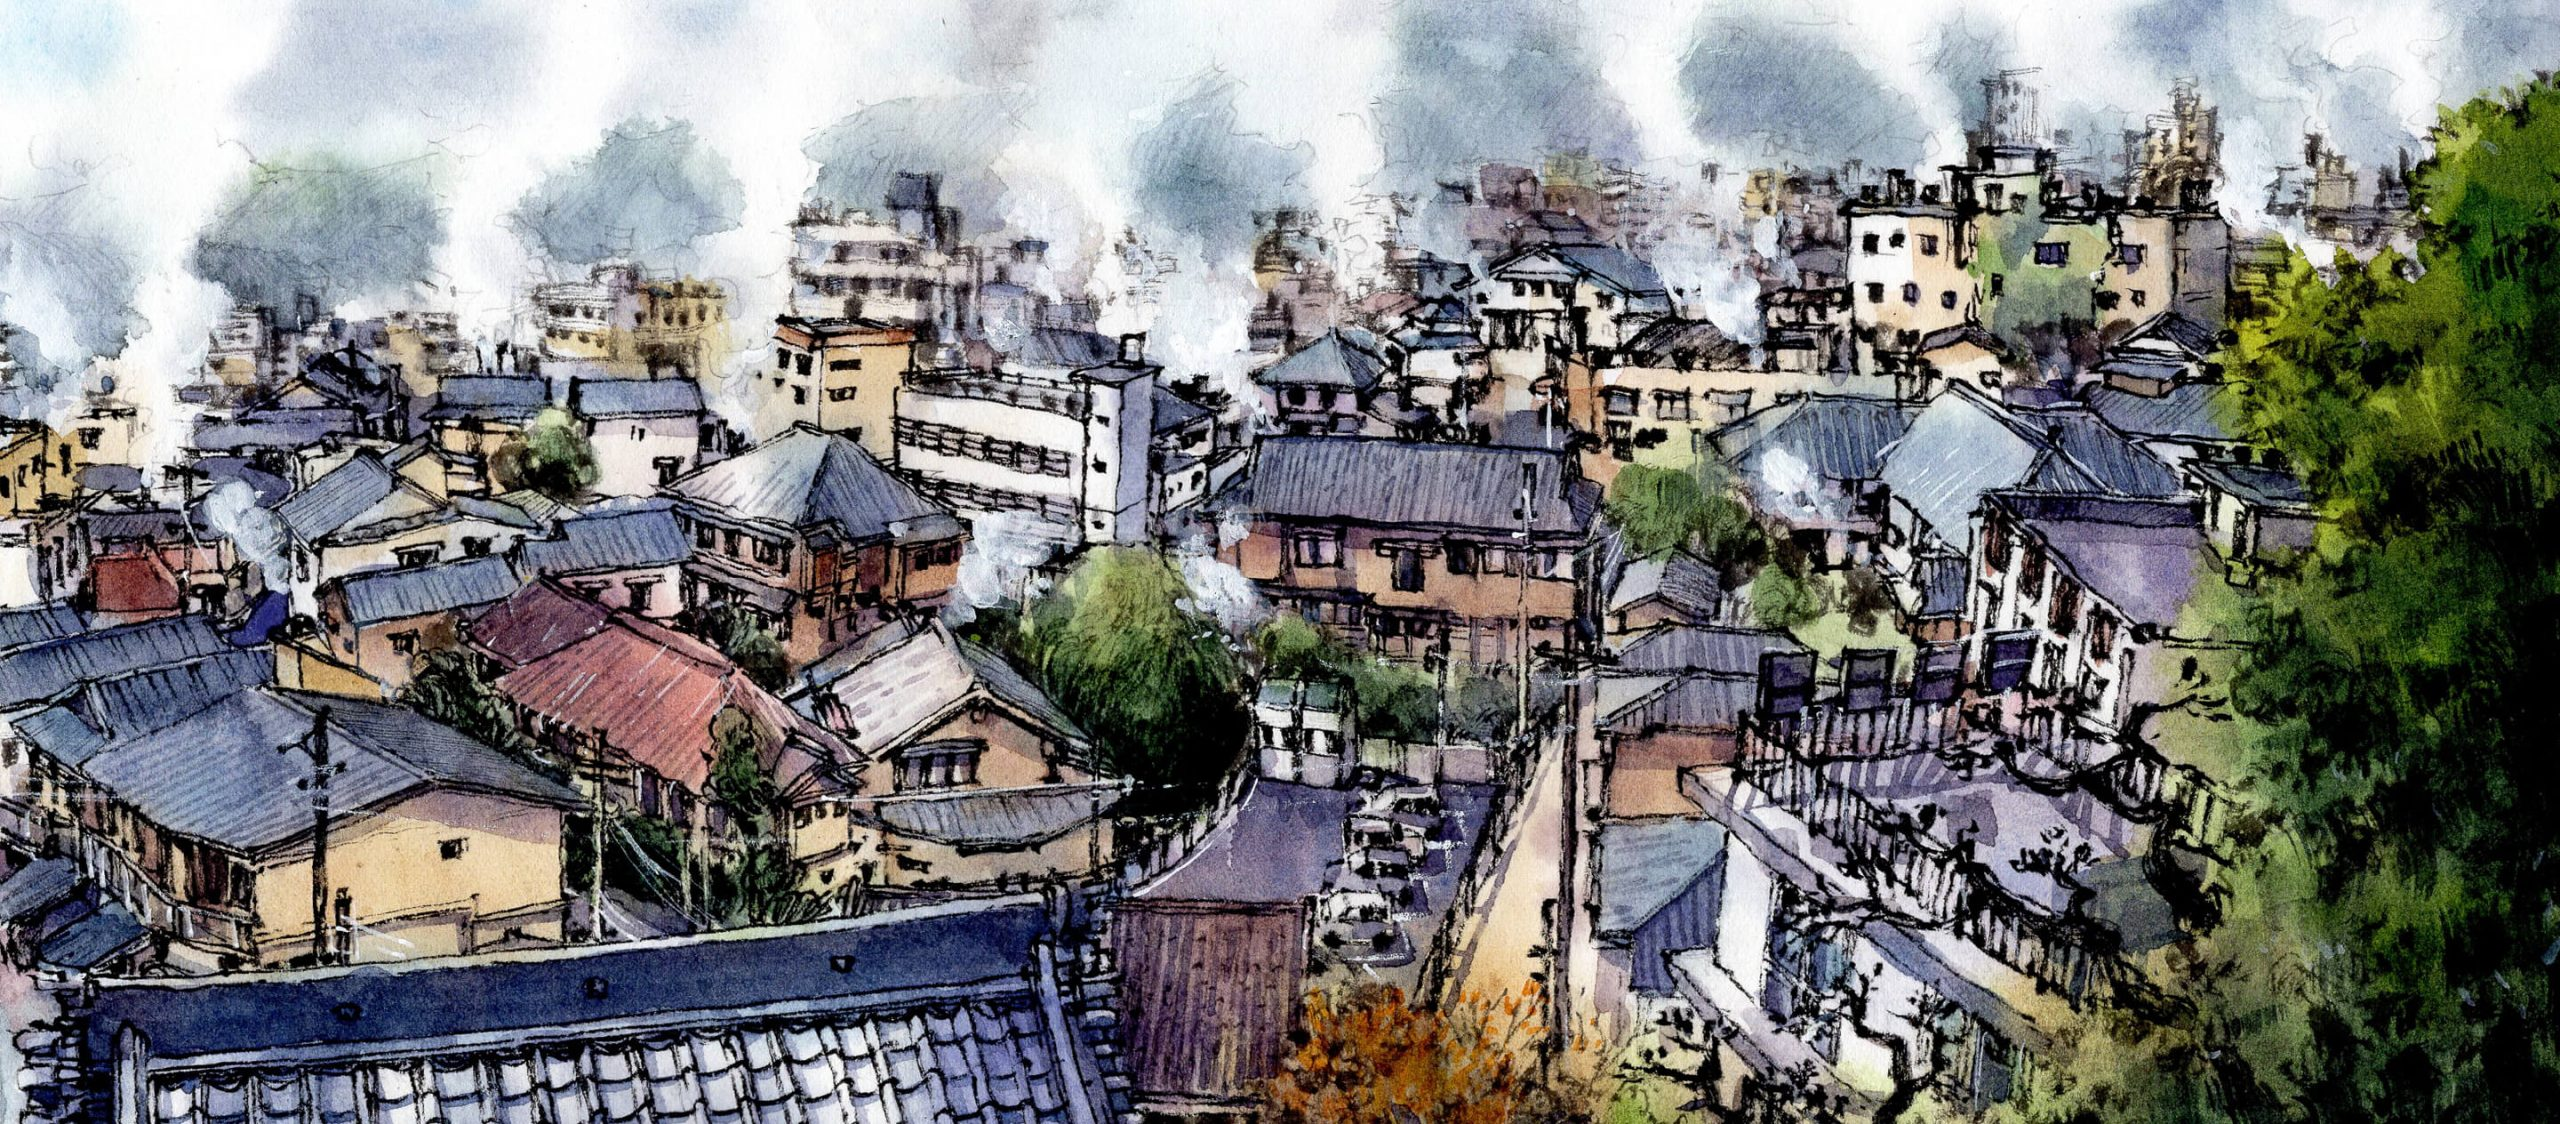 Eye on Beppu : เมืองมีคน คนมีดี ฟ้ามีไอ ใต้ดินมีน้ำพุร้อน เบื่อค่อยนอนฟังเสียงทะเล